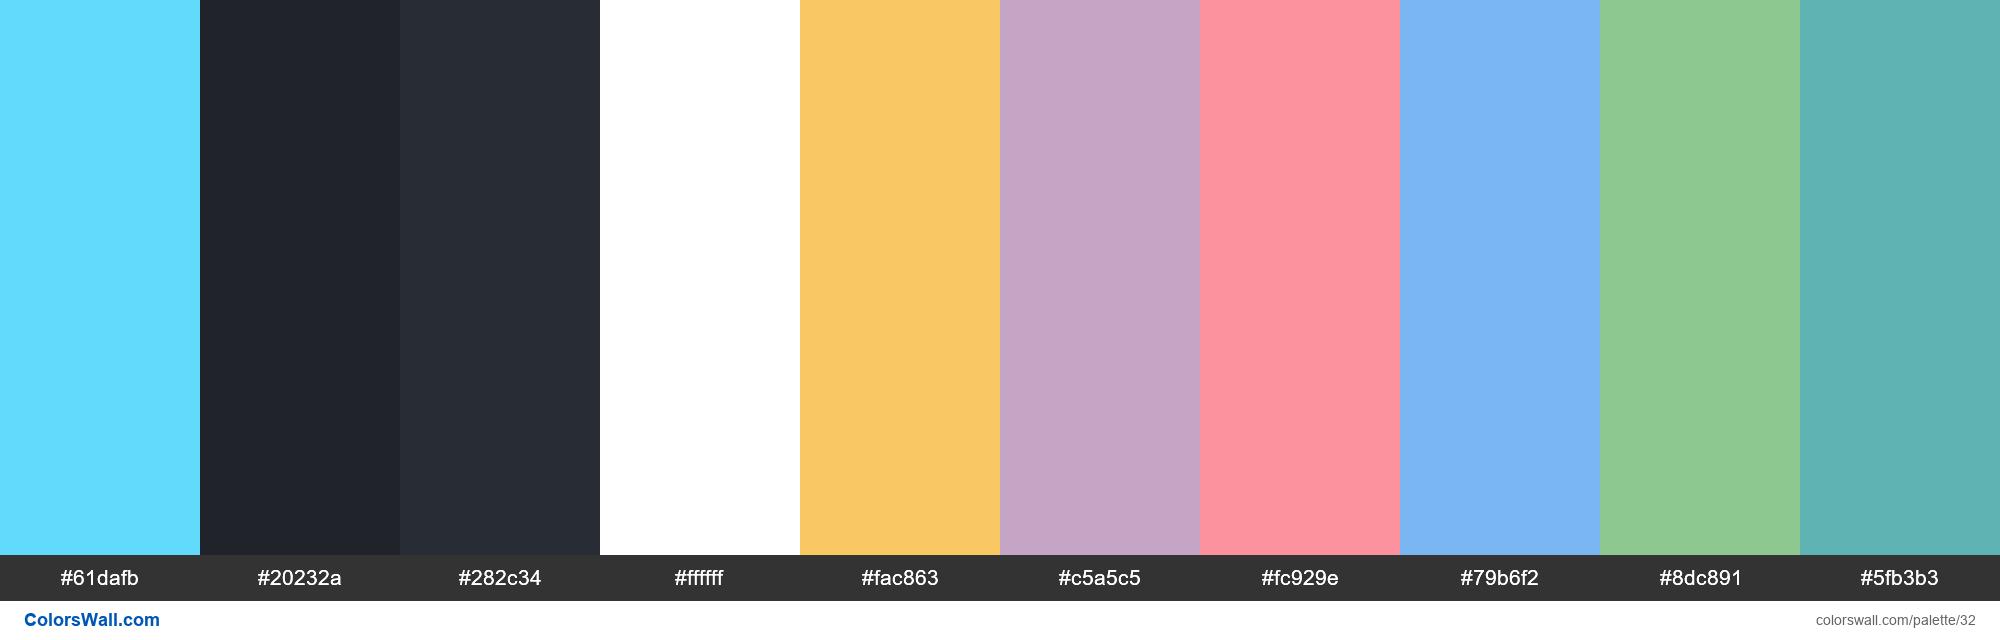 Reactjs colors palette - #32